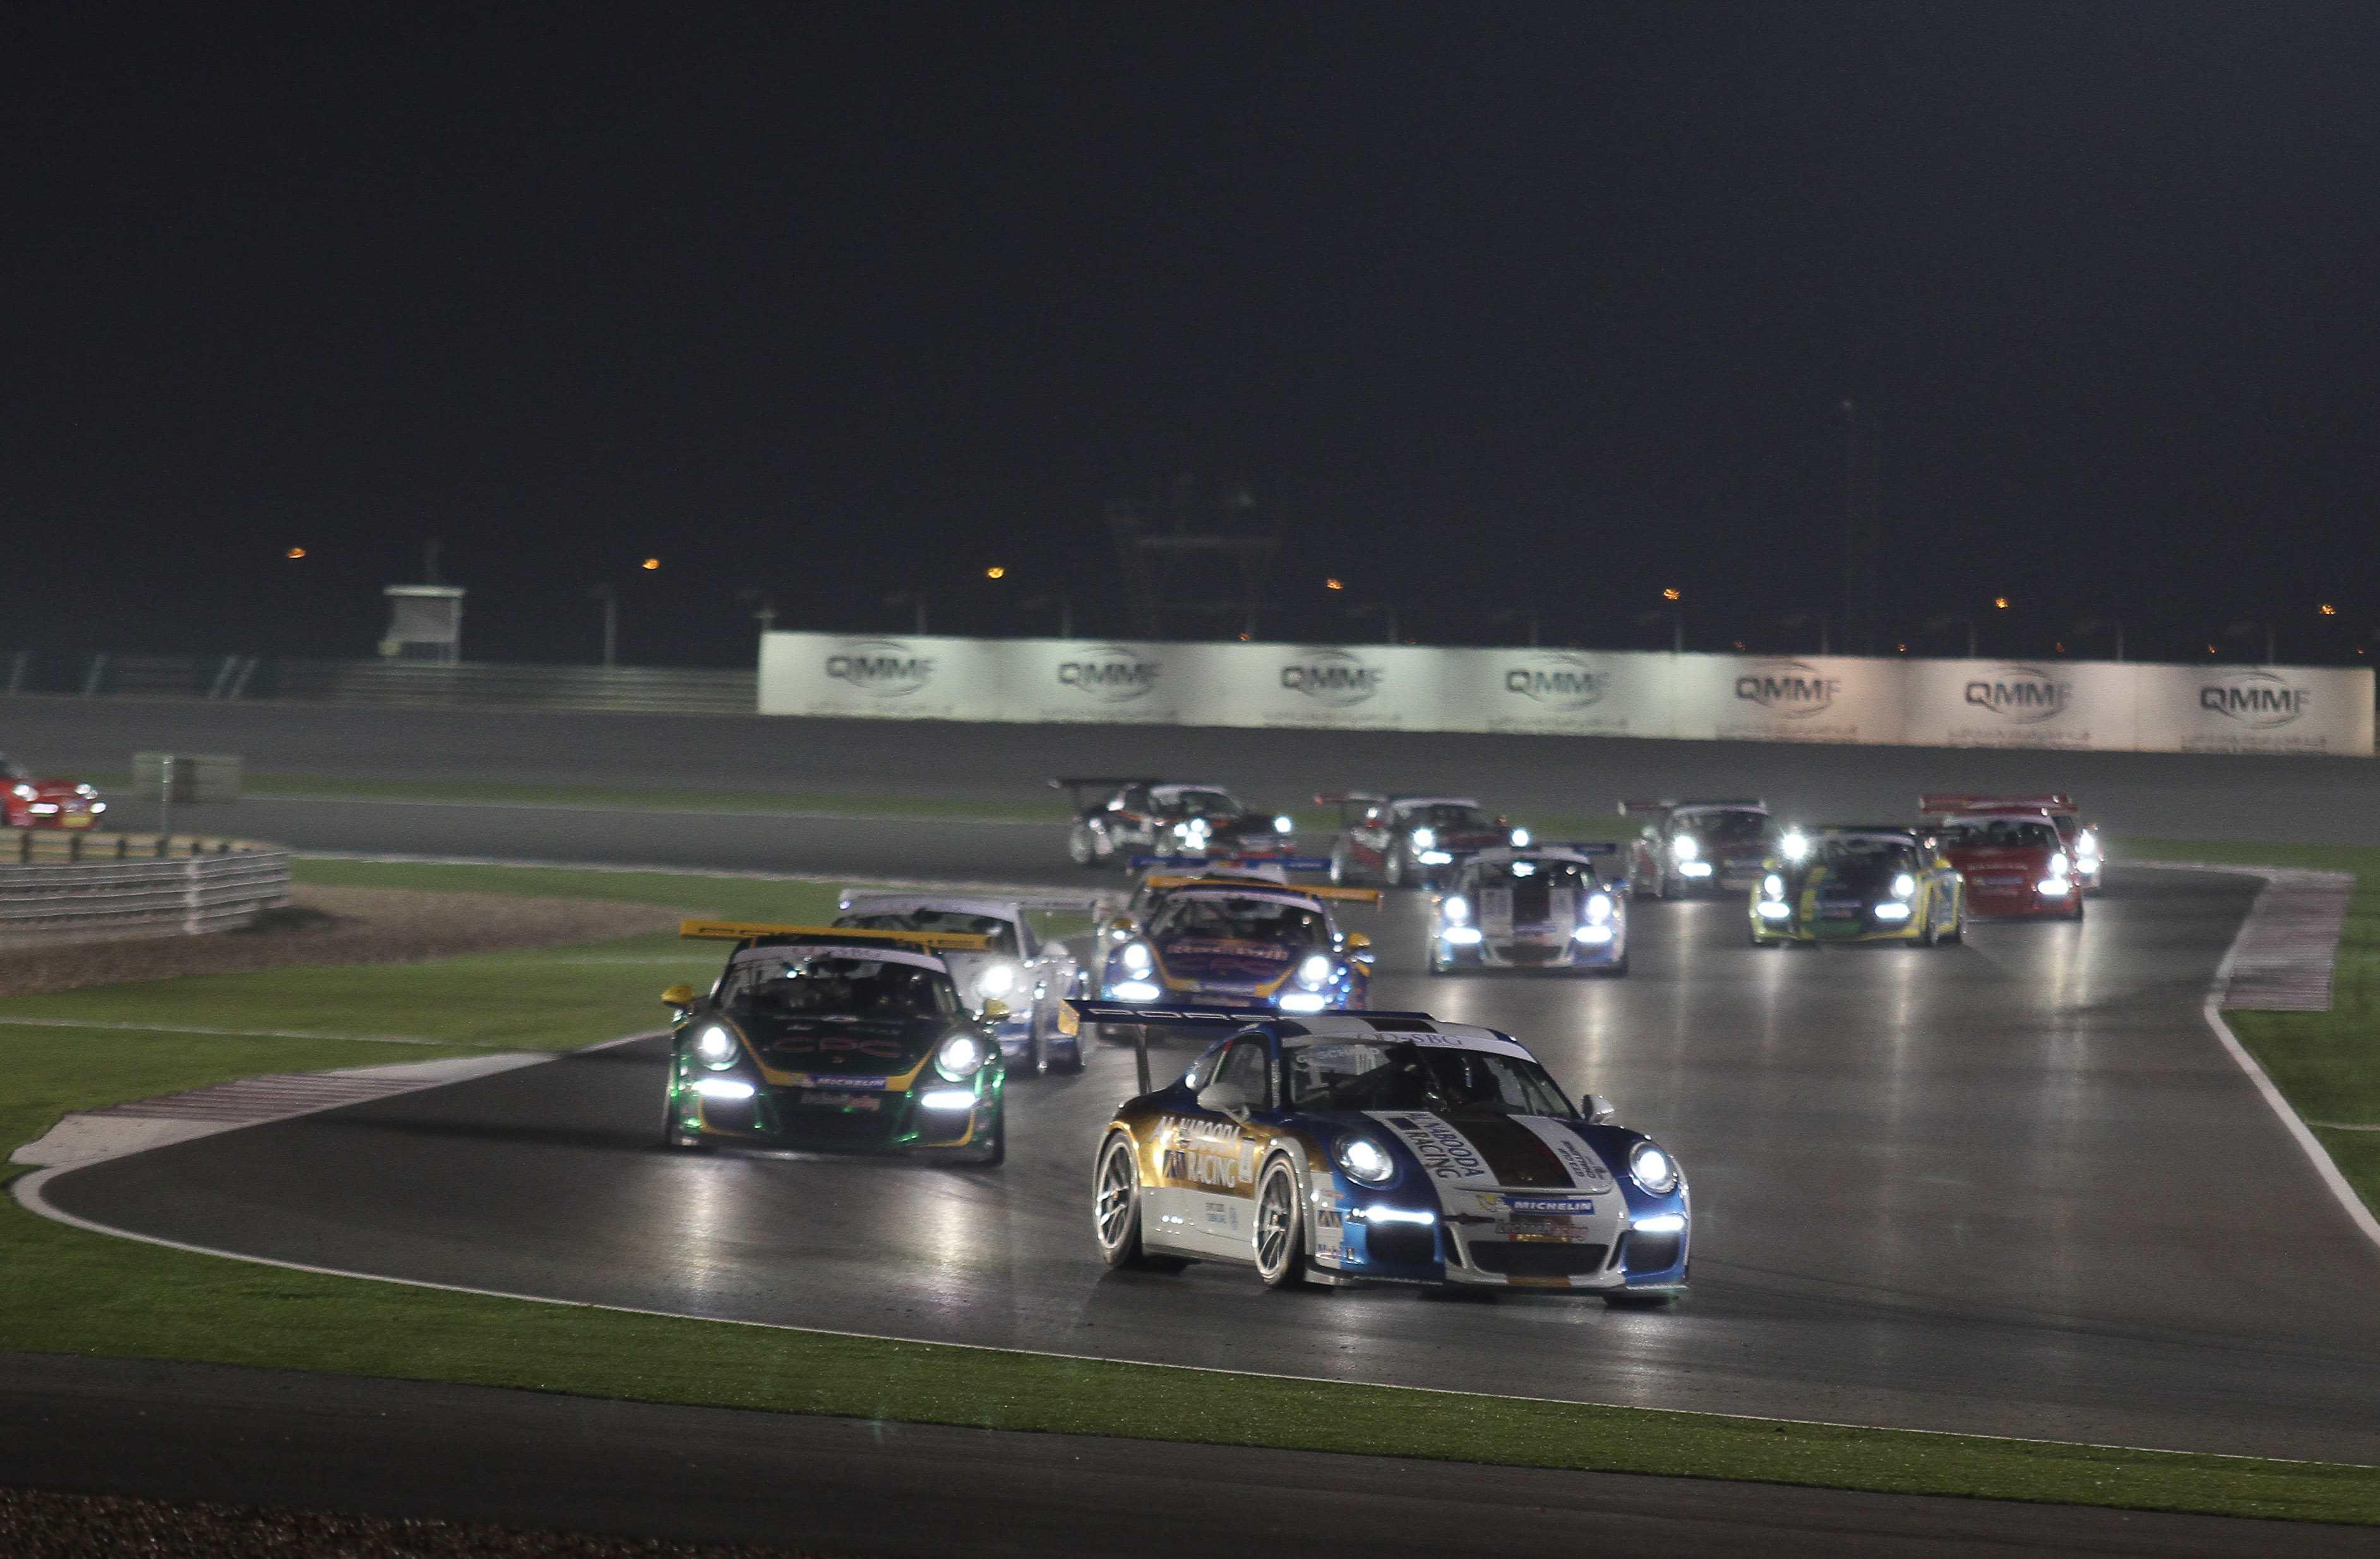 Qatar: Nasser Saleh Al Attiyah to contest Porsche GT3 CUP Challenge ME with new QMMF Team